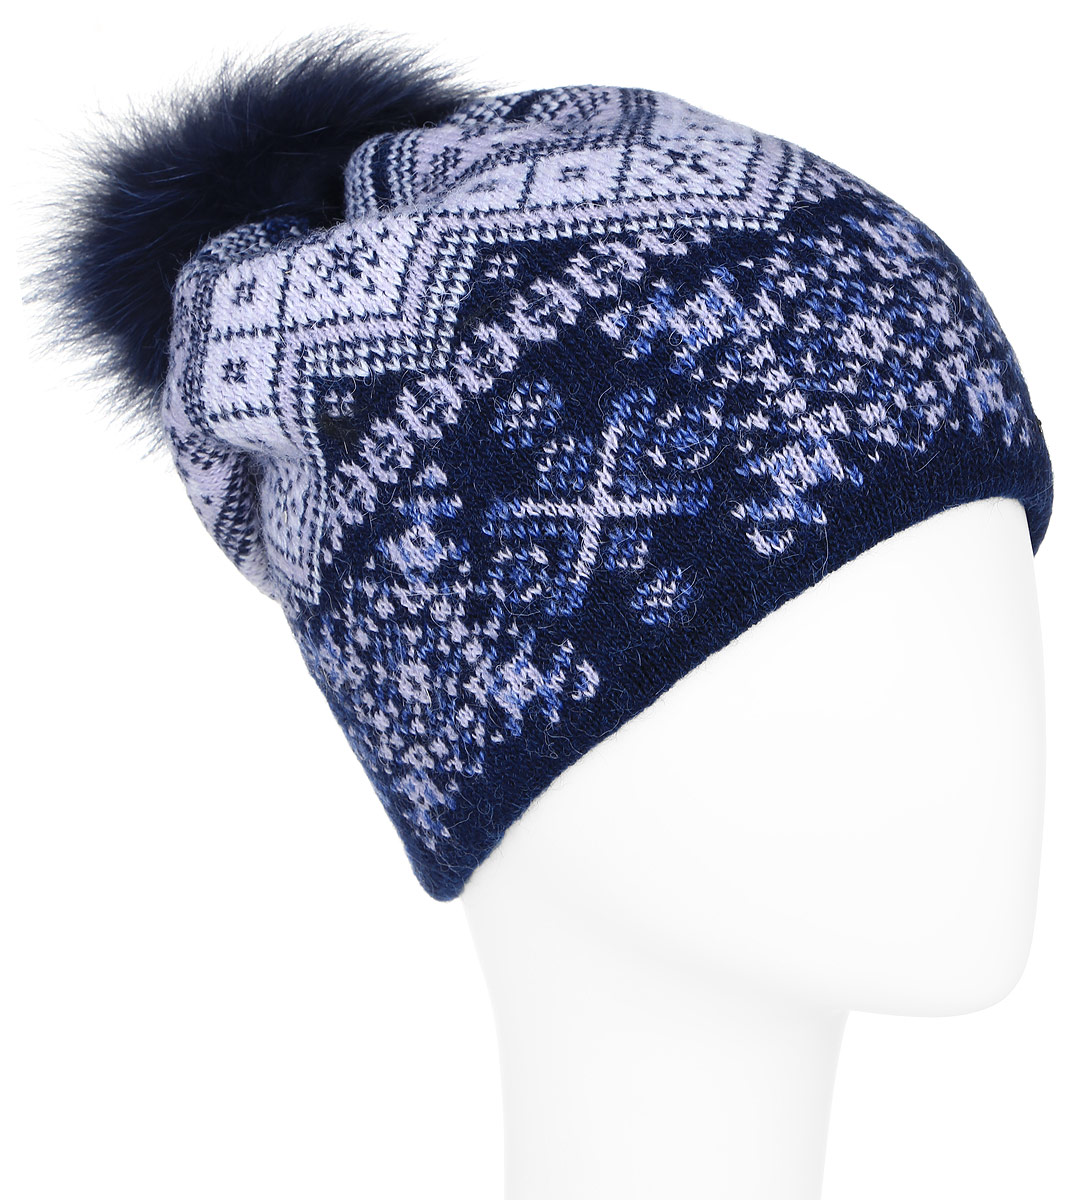 Шапка женская Finn Flare, цвет: темно-синий, сиреневый. A16-12136_101. Размер 56A16-12136_101Стильная женская шапка Finn Flare дополнит ваш наряд и не позволит вам замерзнуть в холодное время года. Шапка выполнена из высококачественной пряжи, что позволяет ей великолепно сохранять тепло и обеспечивает высокую эластичность и удобство посадки.Модель оформлена оригинальным орнаментом и дополнена пушистым помпоном из меха песца. Такая шапка станет модным и стильным дополнением вашего гардероба. Она согреет вас и позволит подчеркнуть свою индивидуальность!